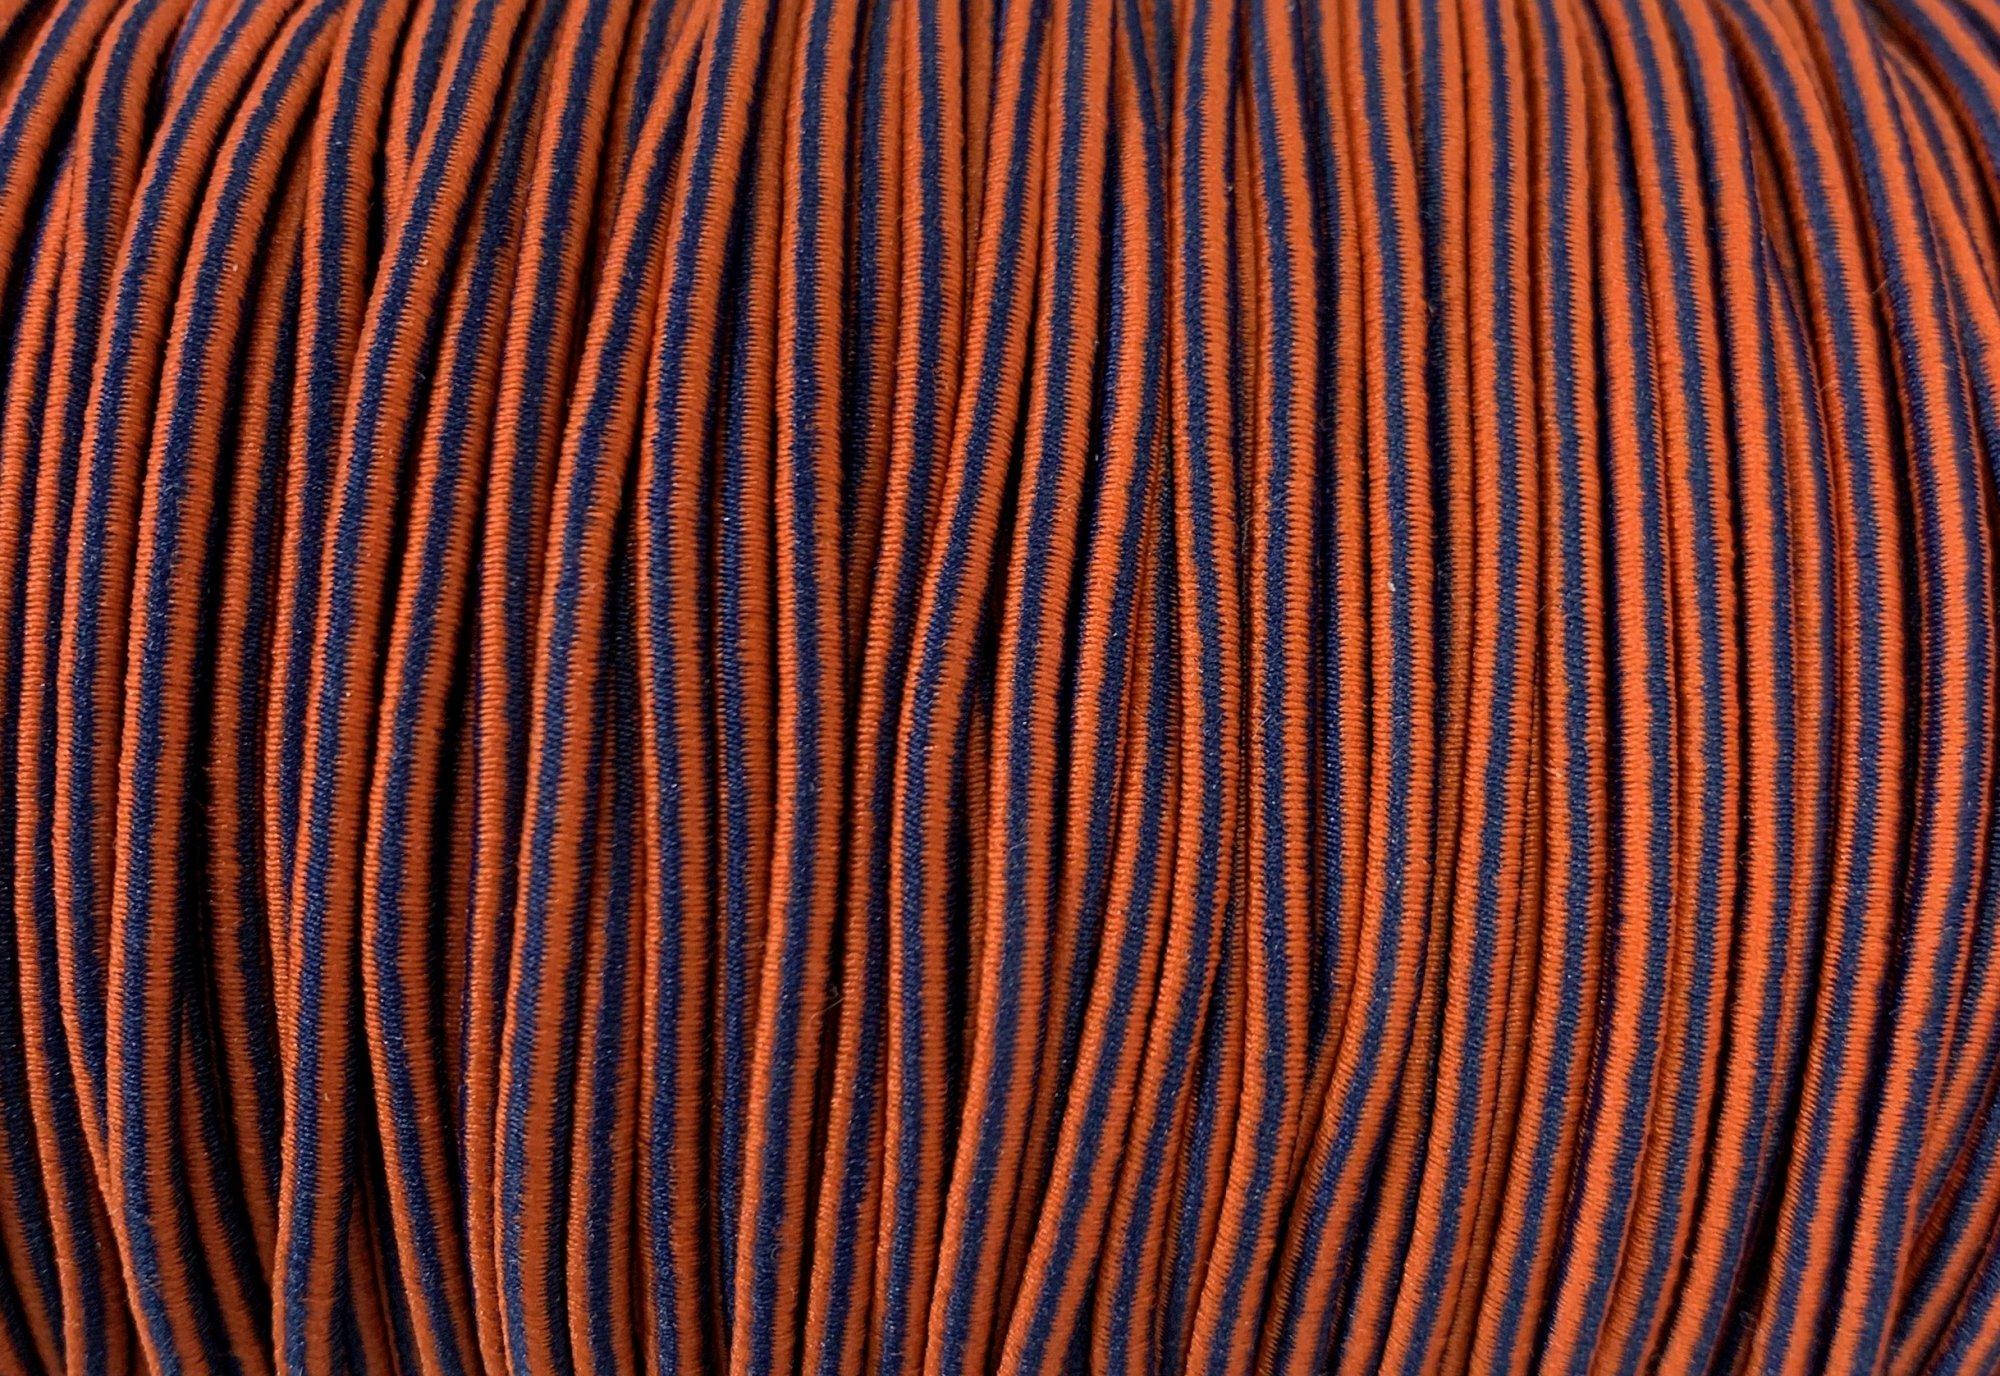 Elastic Polymet Cord - Blue/Orange Stripe  1/8 Wide